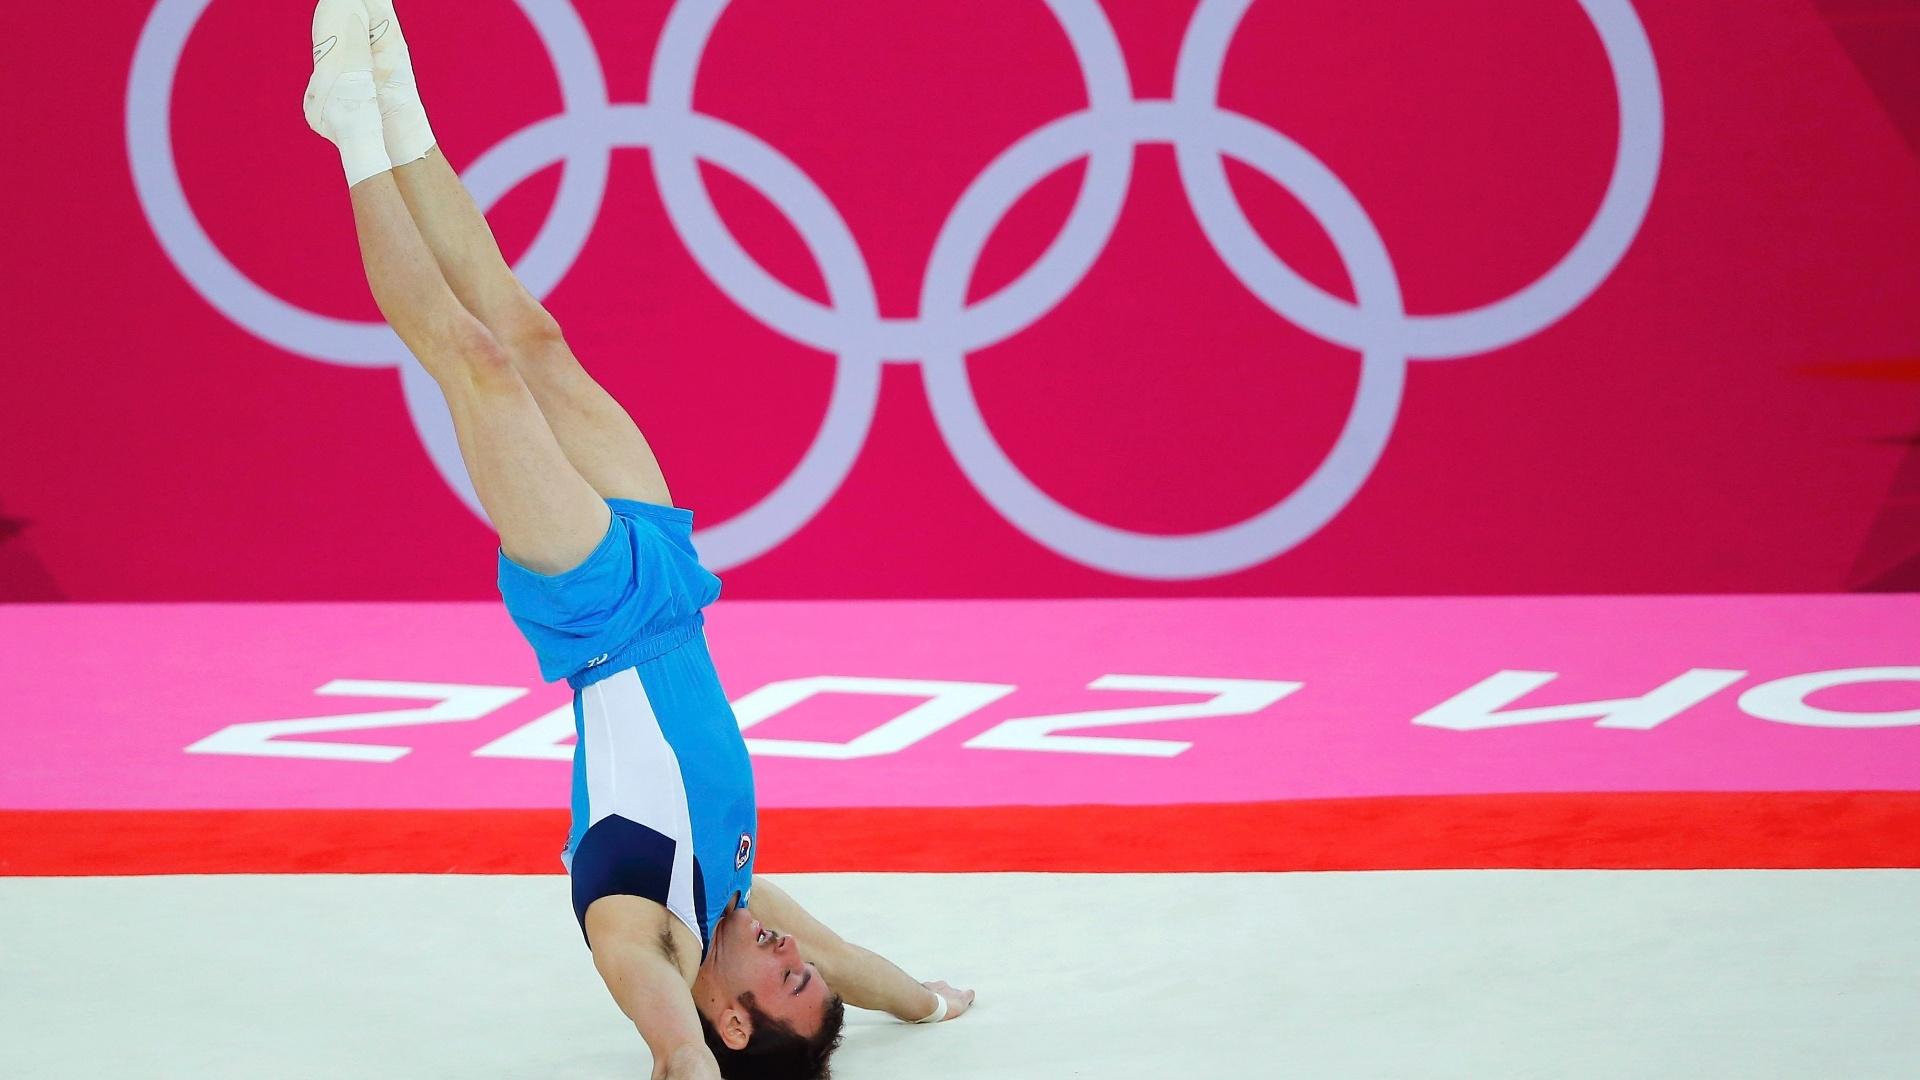 Único sul-americano na final de solo da ginástica artística, Tomas Gonzalez Sepulveda ficou em quarto lugar na disputa deste domingo